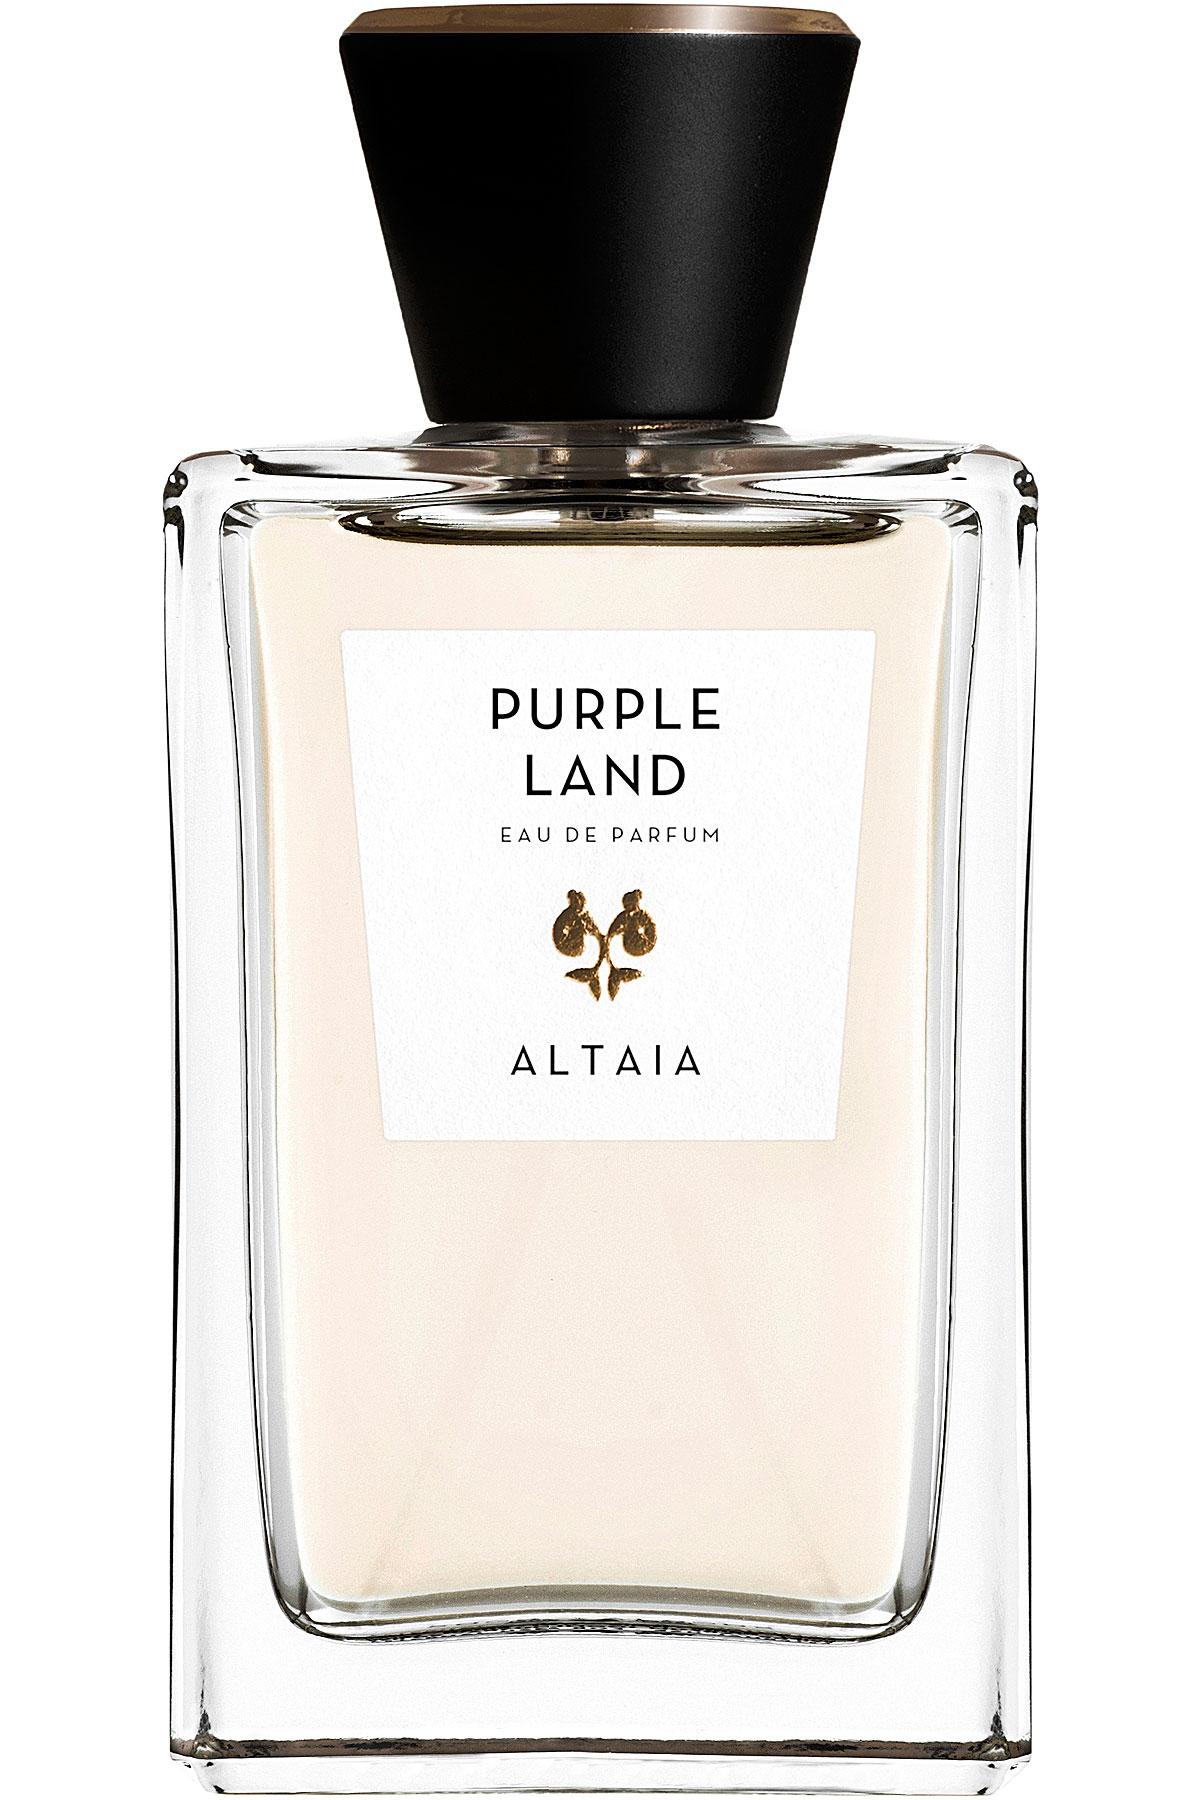 繧「繝ォ繧ソ繧、繧「 Fragrances For Men, Purple Land - Eau De Parfum - 100 Ml, 2019, 100 Ml